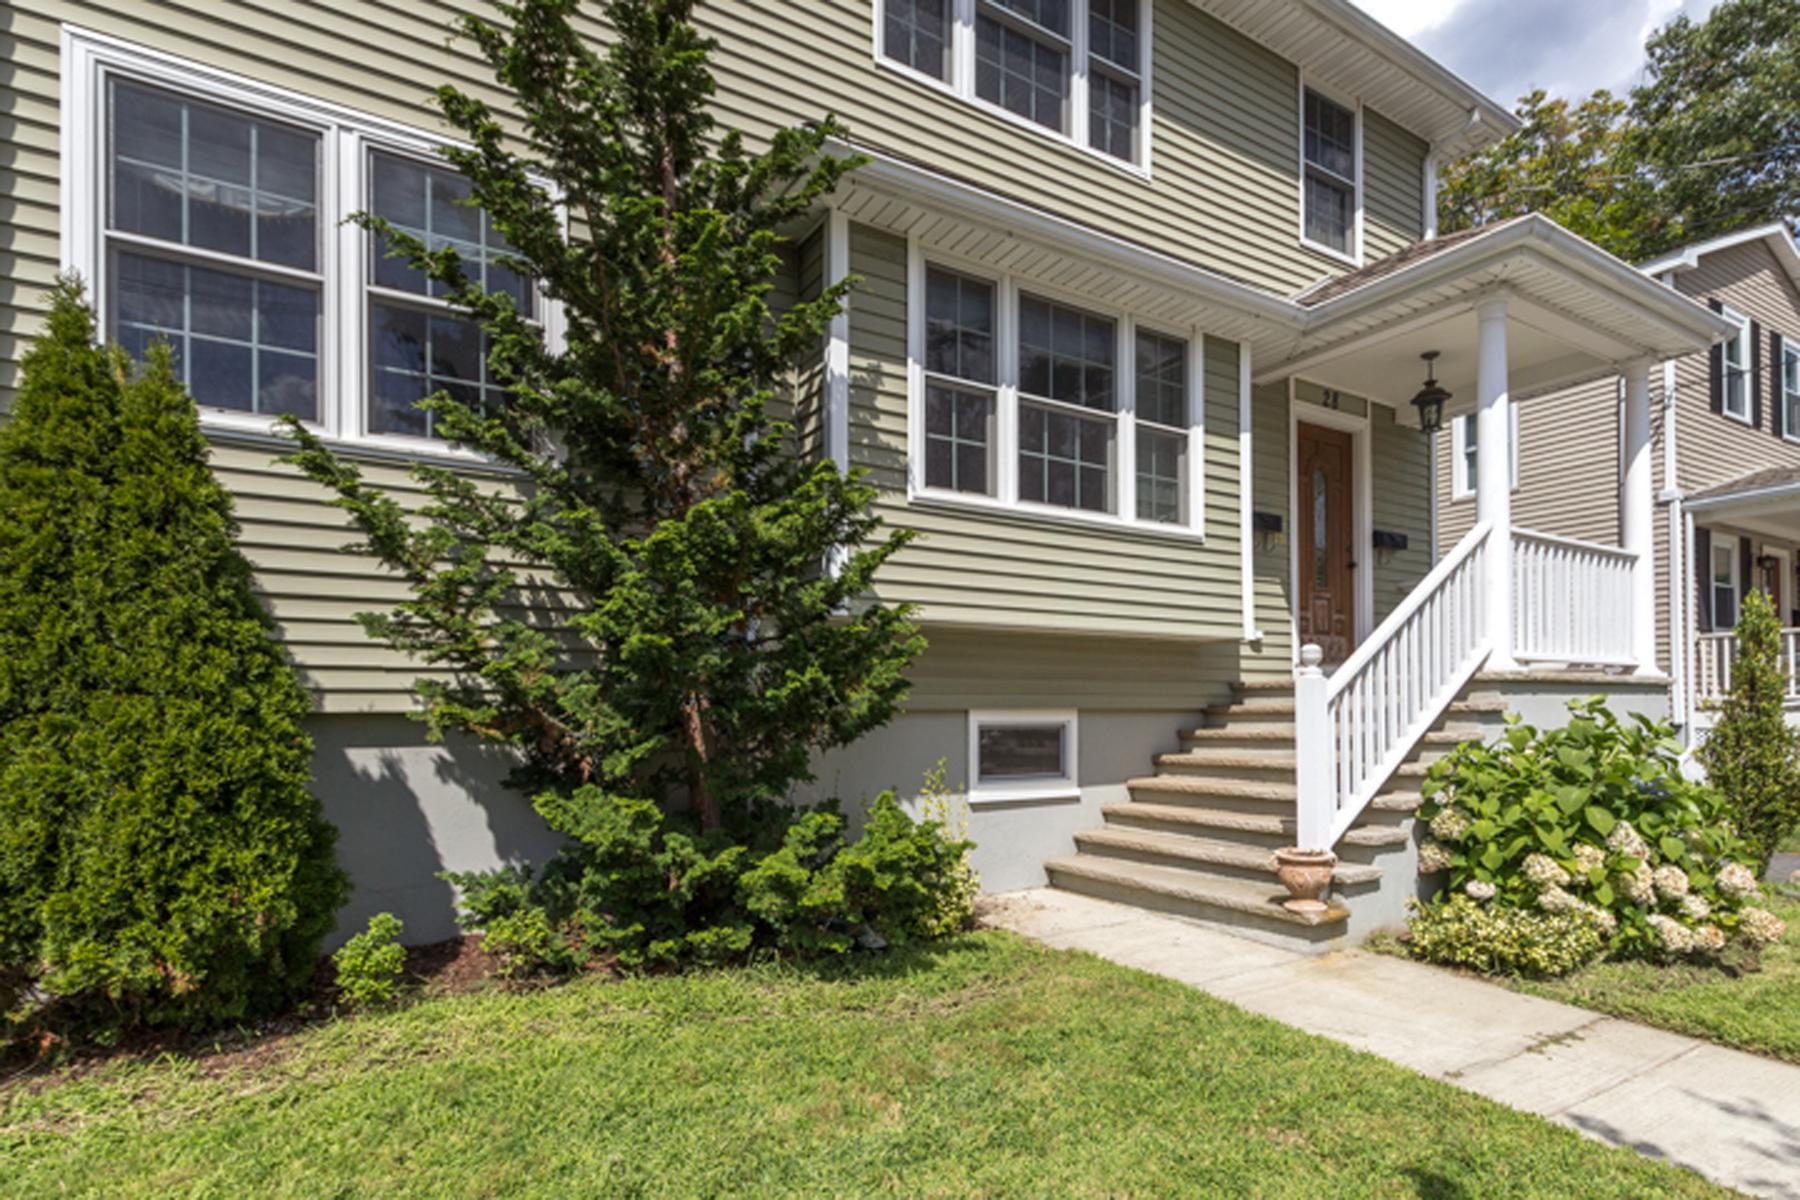 Property For Sale at 28 Webster St.- Unit #2